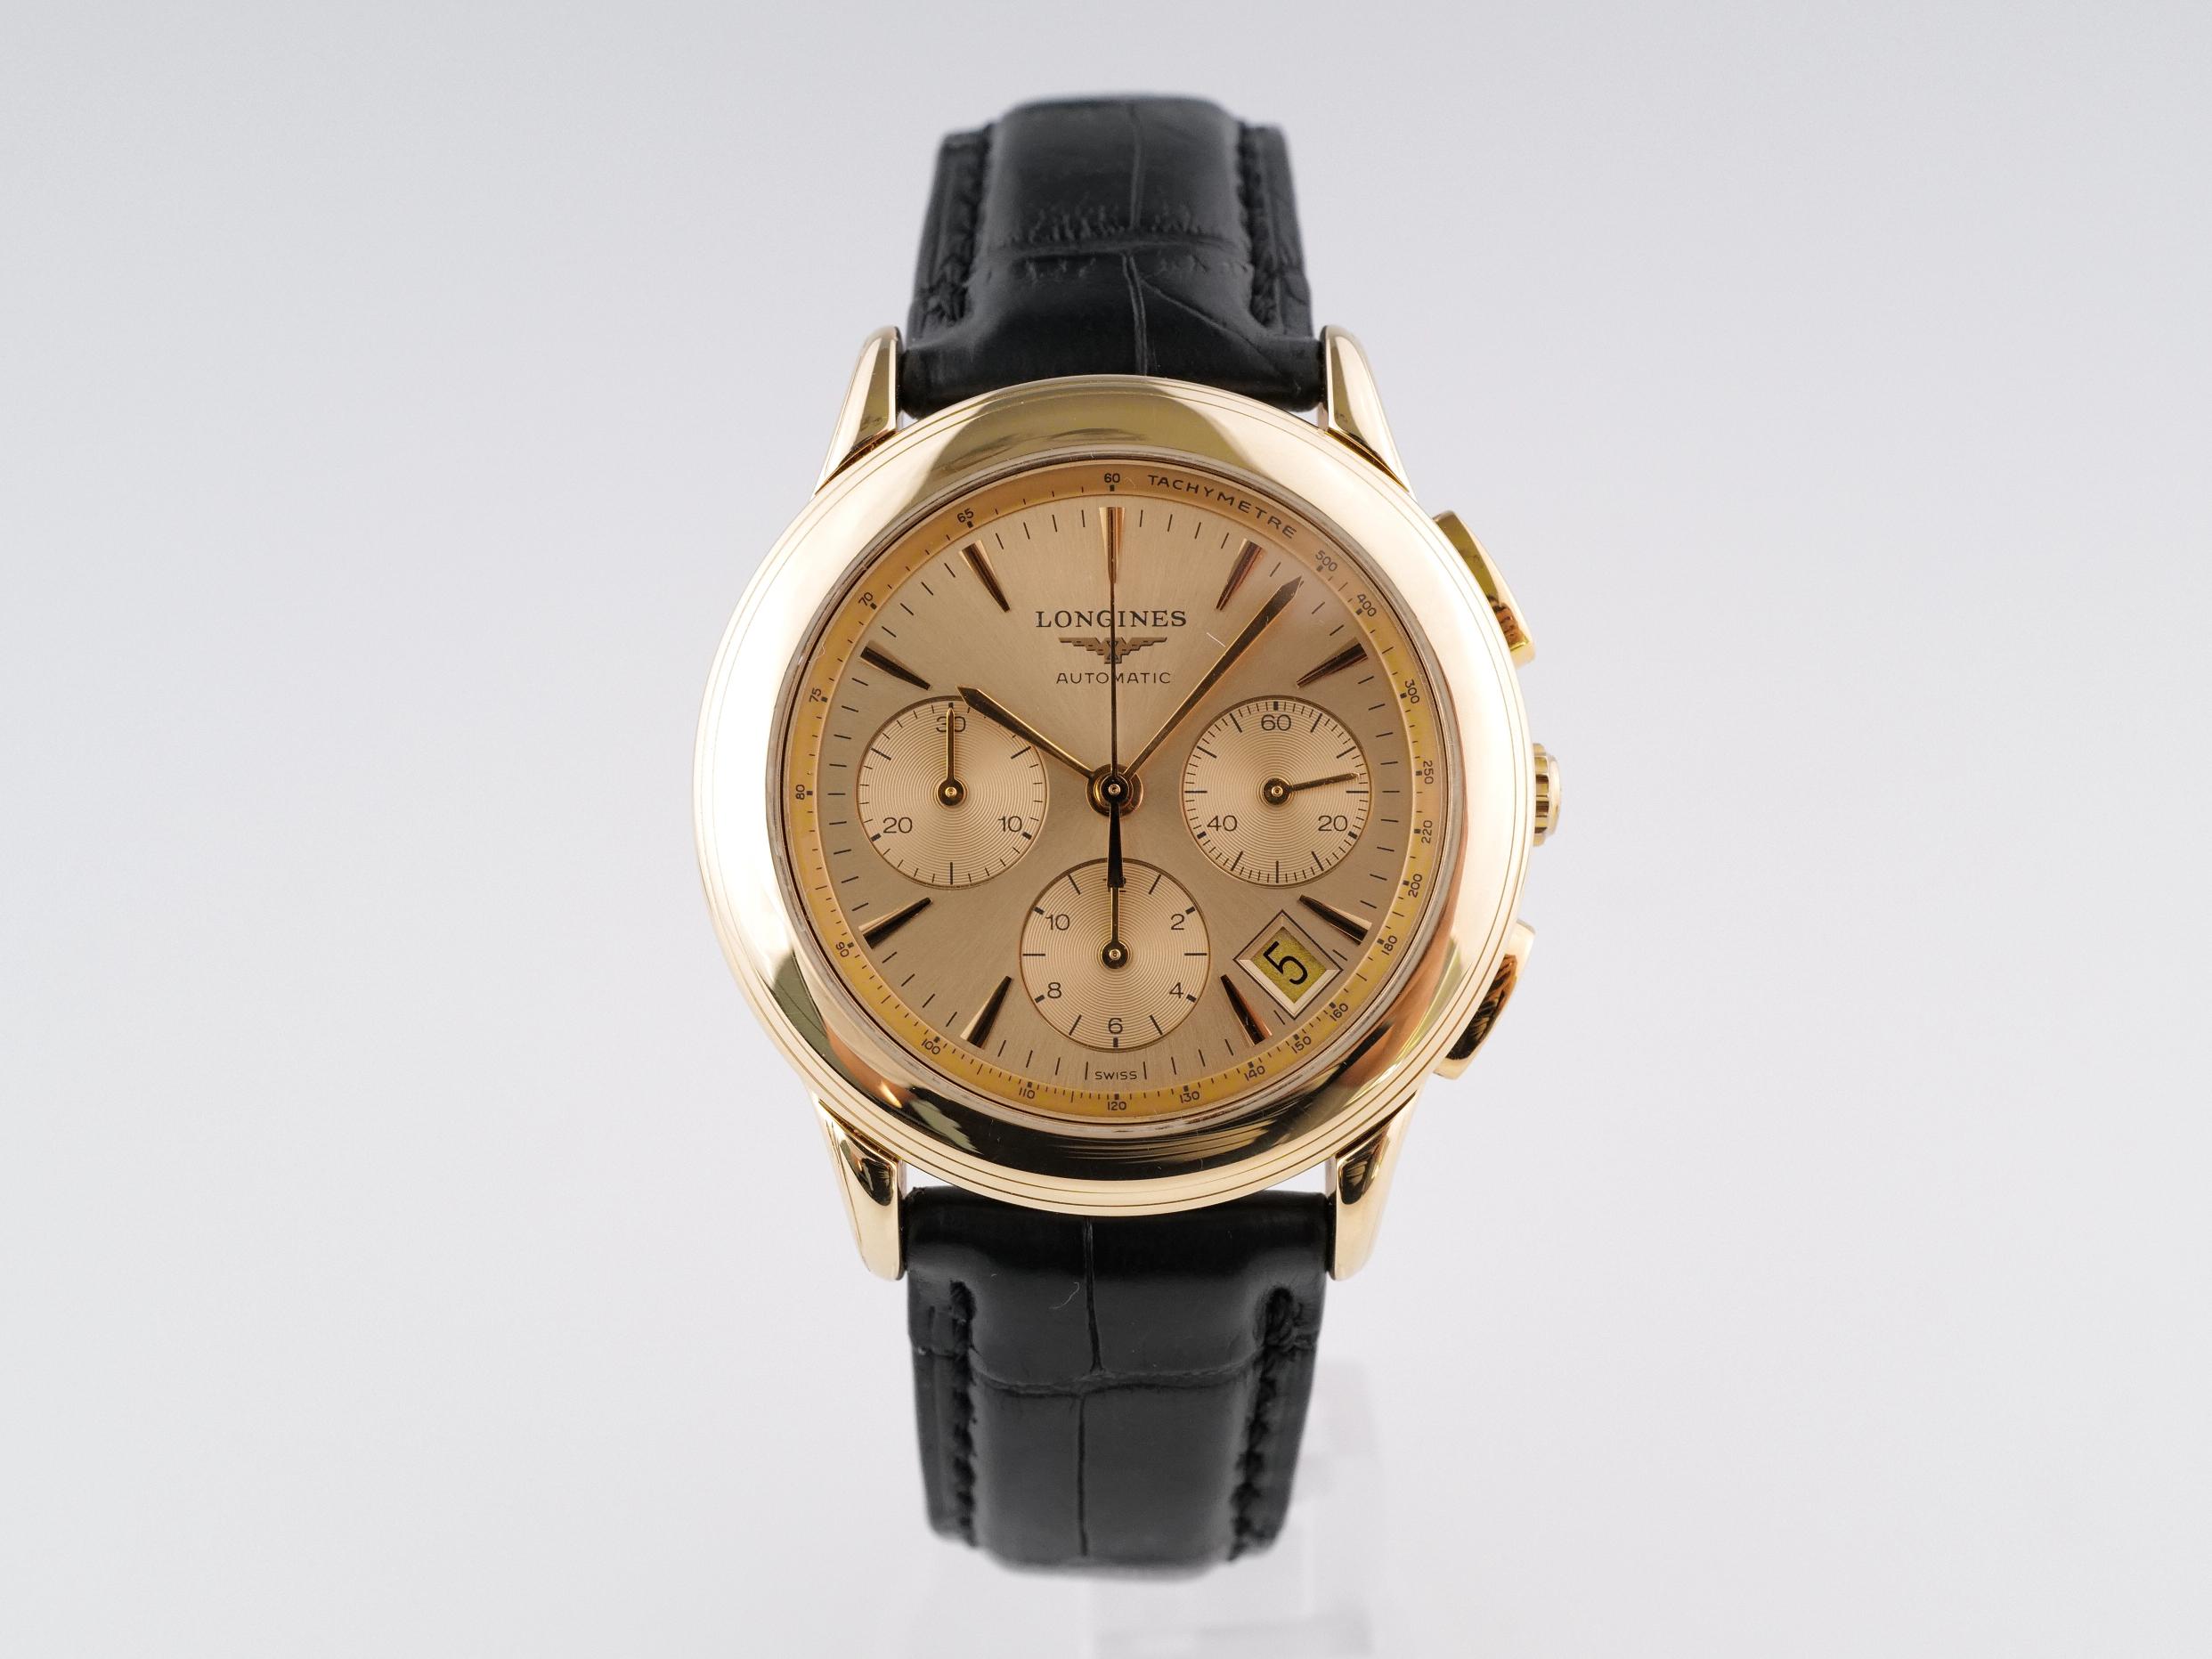 Longines продать часы марки преподавателя спо 1 часа стоимость